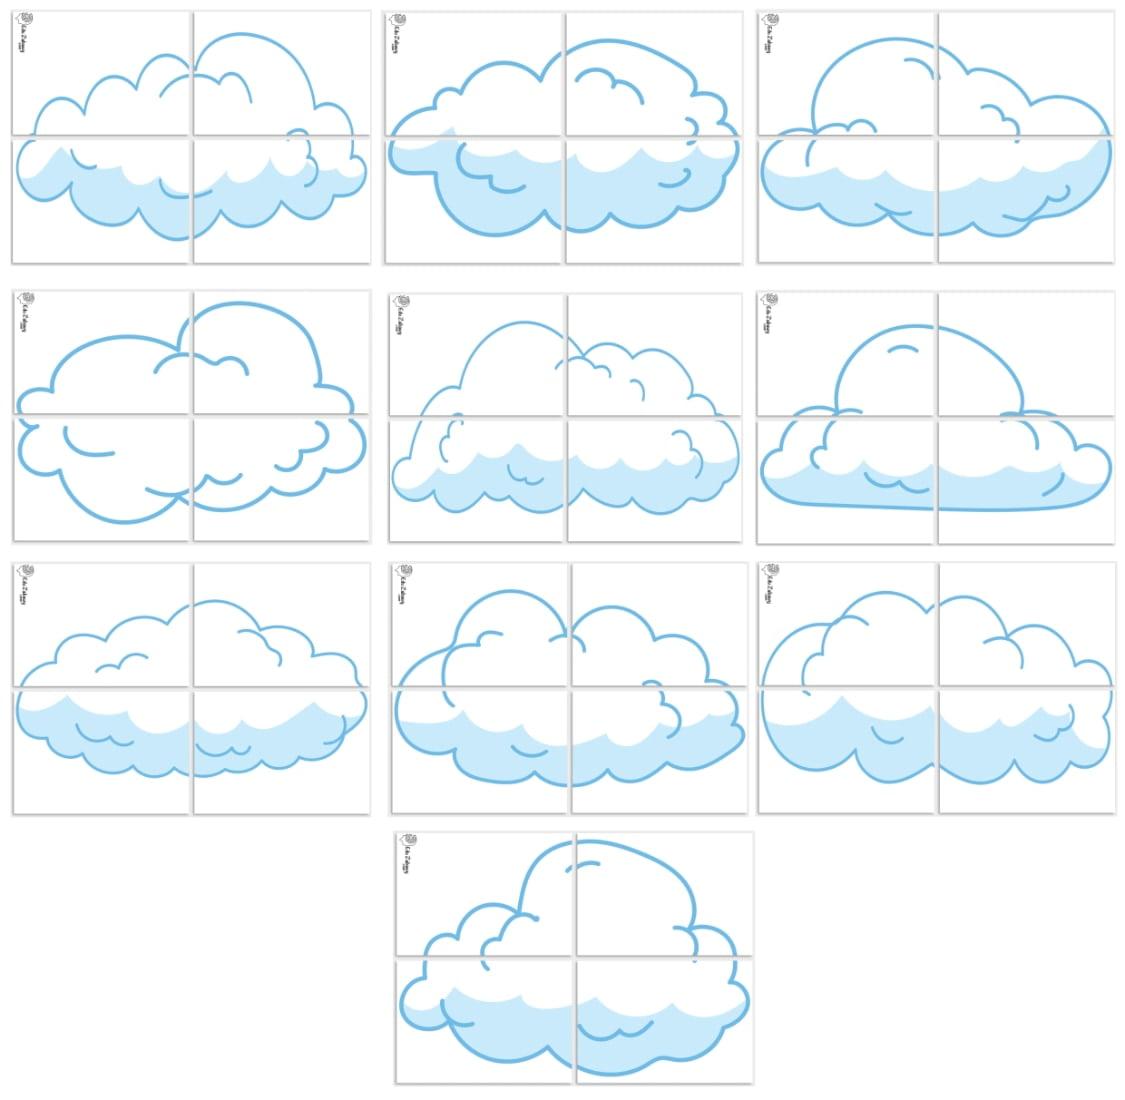 Dekoracje XXL: Chmury (10 szablonów) Dekoracje Dekoracje (Dzień Dinozaura) Dekoracje (Jesień) Dekoracje XXL (Pożegnanie przedszkola) Dekoracje XXL (Zakończenie roku)